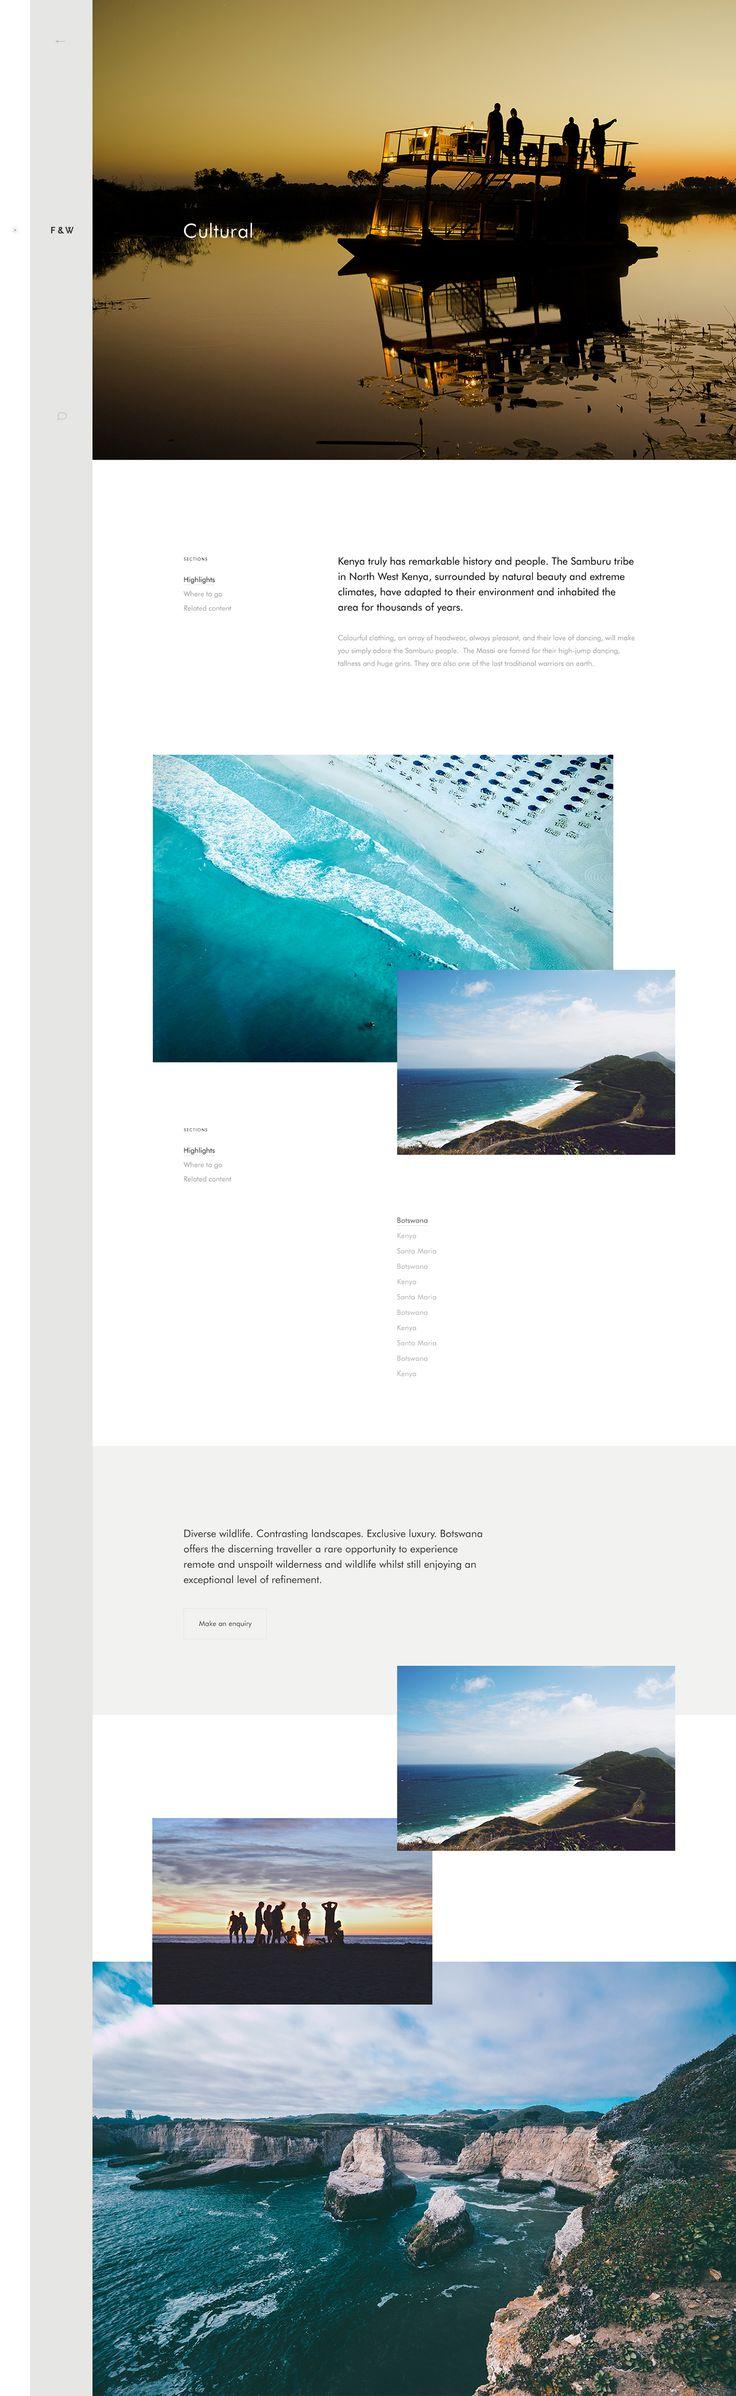 3281 best Digital Design images on Pinterest | Design websites, Site ...